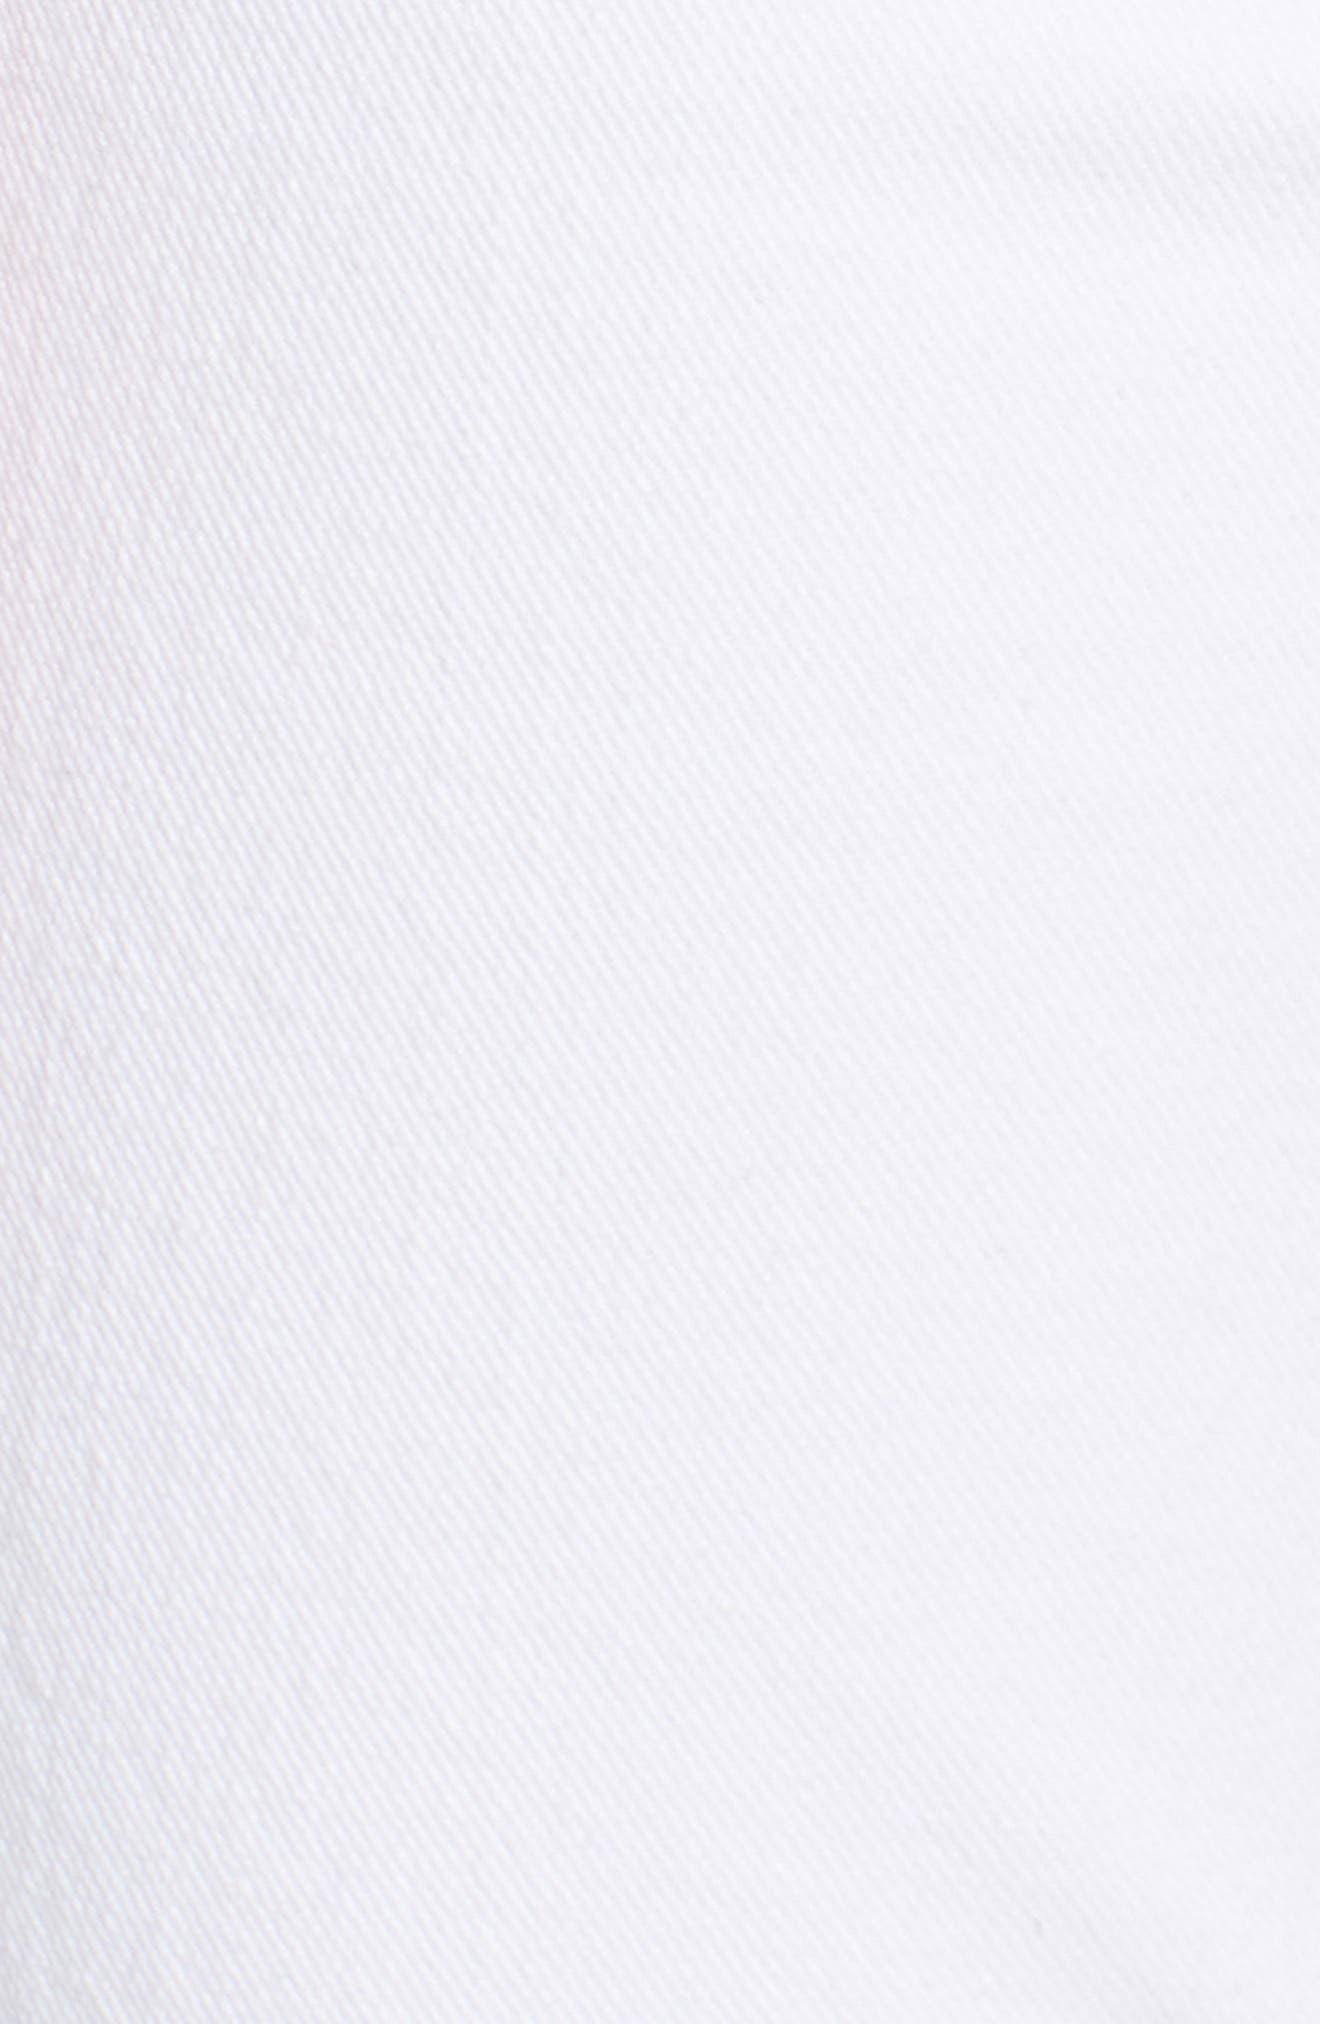 Dylan Print Cuff Straight Leg Jeans,                             Alternate thumbnail 6, color,                             White Fashion W/ Black Print